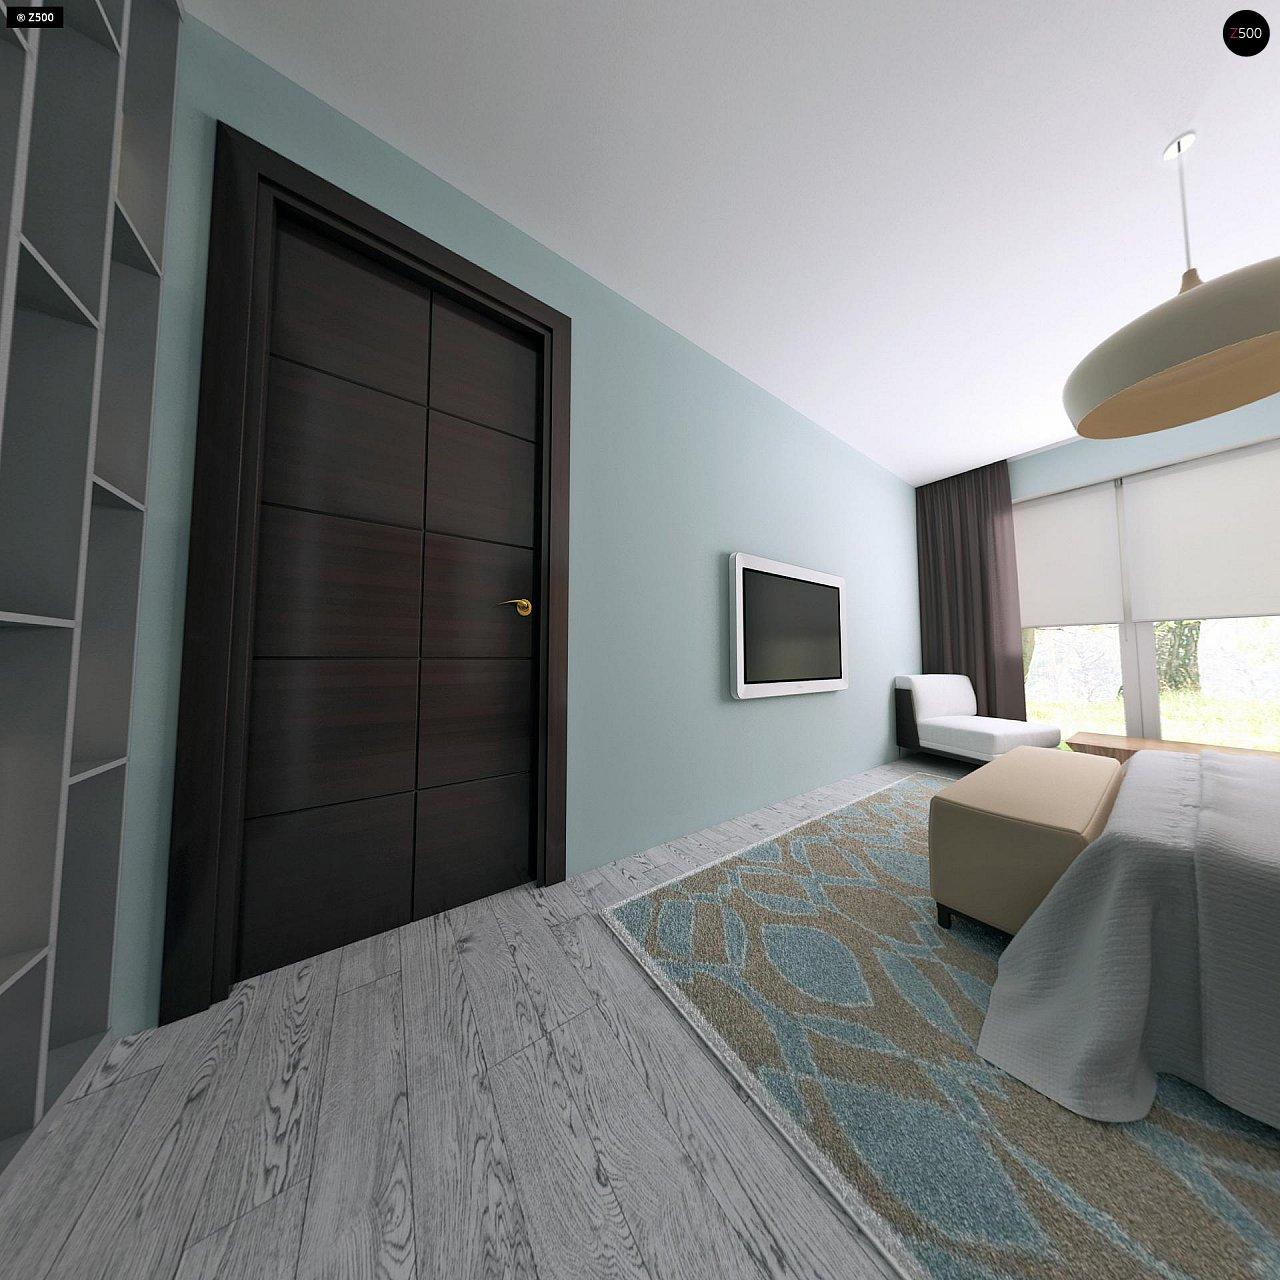 Практичный одноэтажный дом с четырьмя спальнями и гаражом. 9